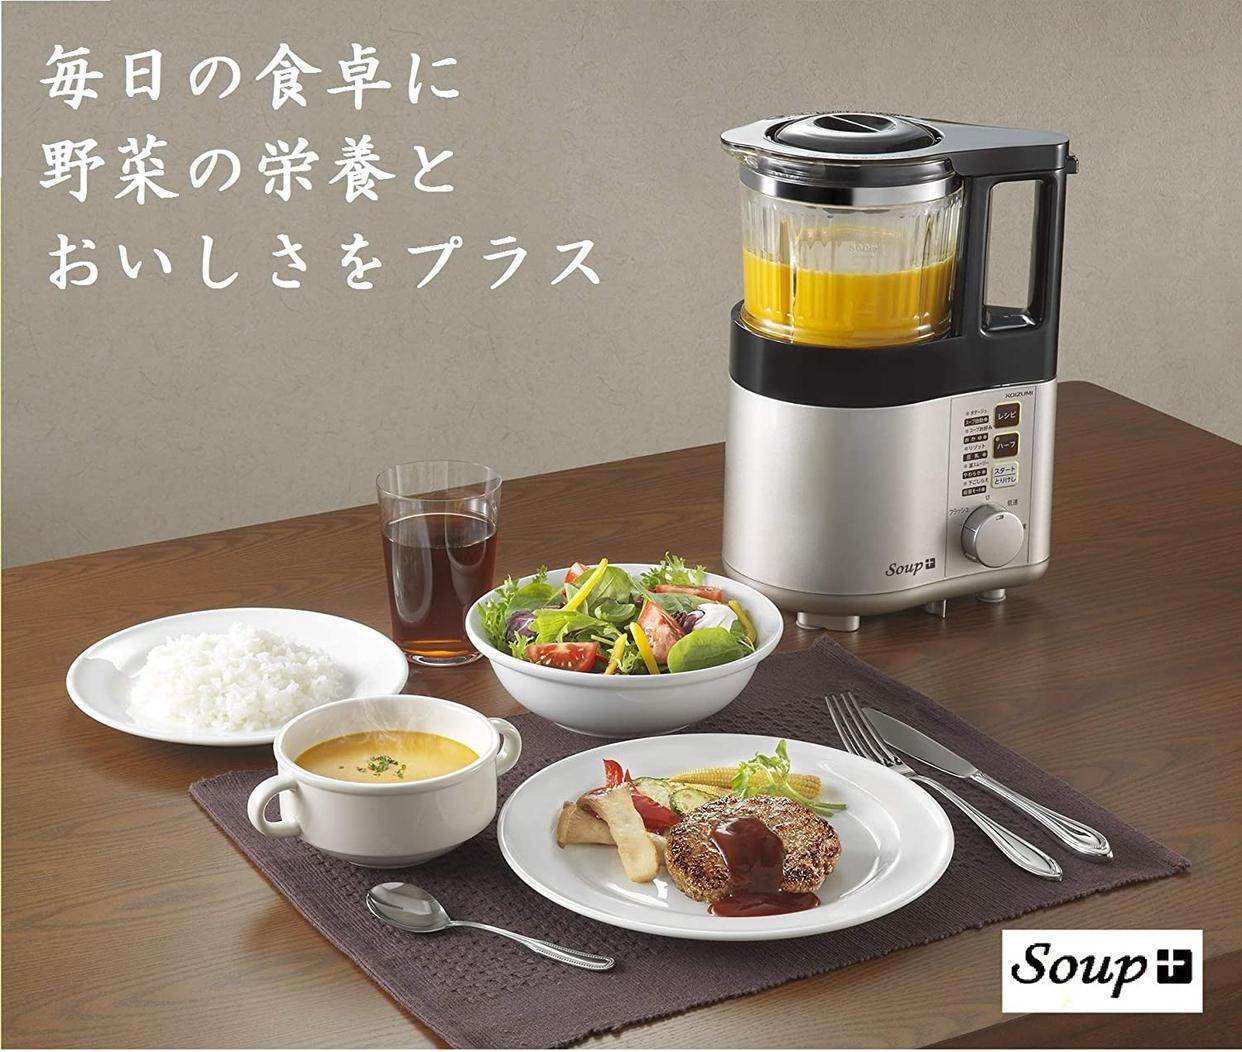 KOIZUMI(コイズミ) スープメーカー KSM-1020/Nの商品画像6